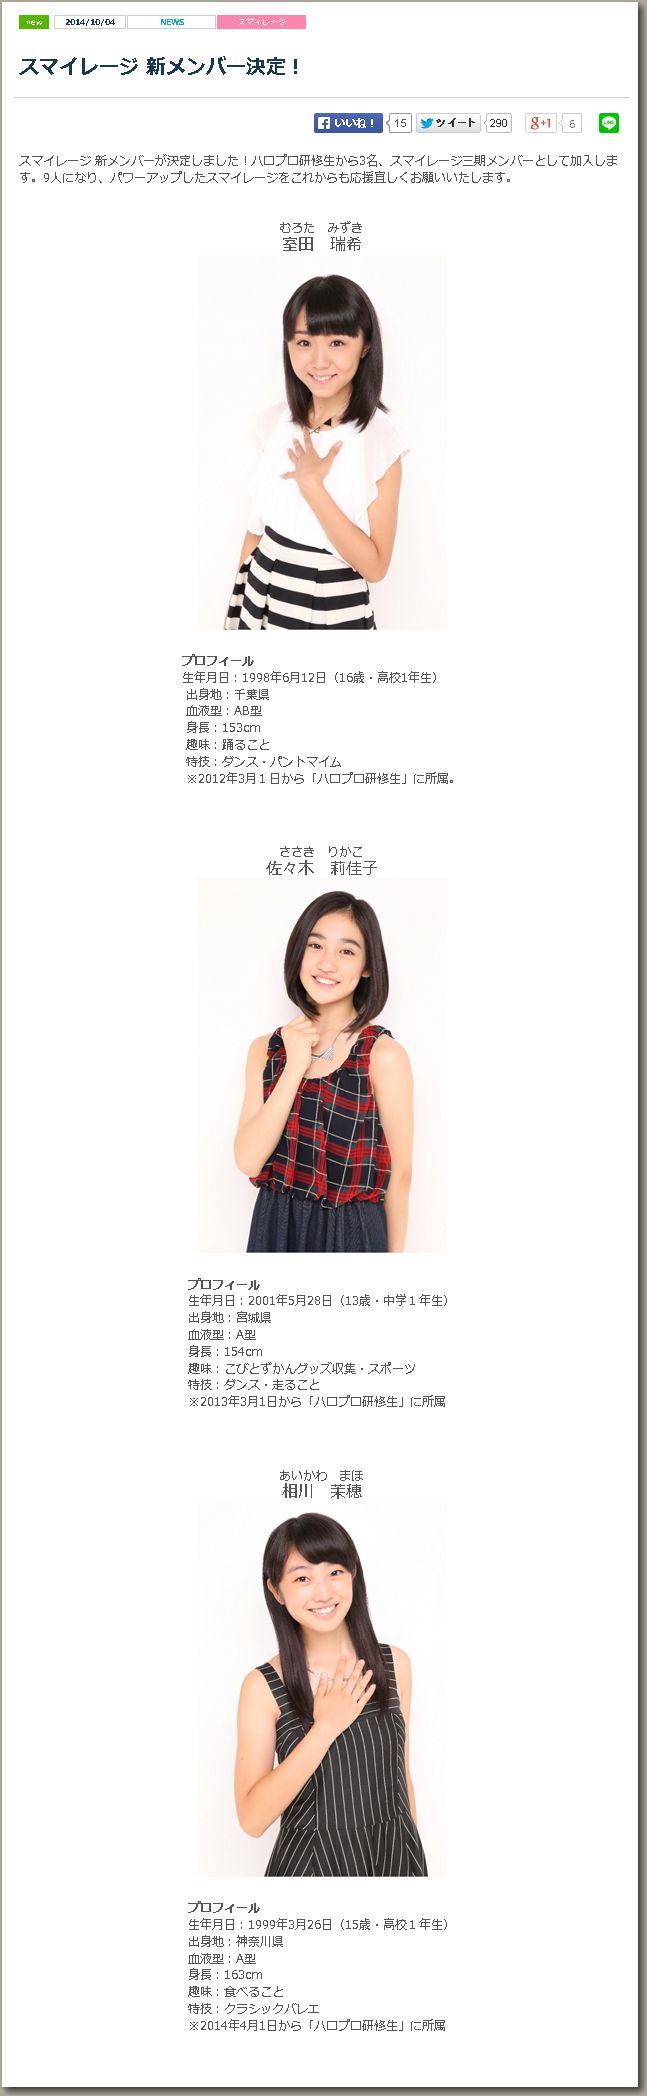 【画像55枚】スマイレージ 新メンバー決定!室田瑞希・佐々木莉佳子・相川茉穂